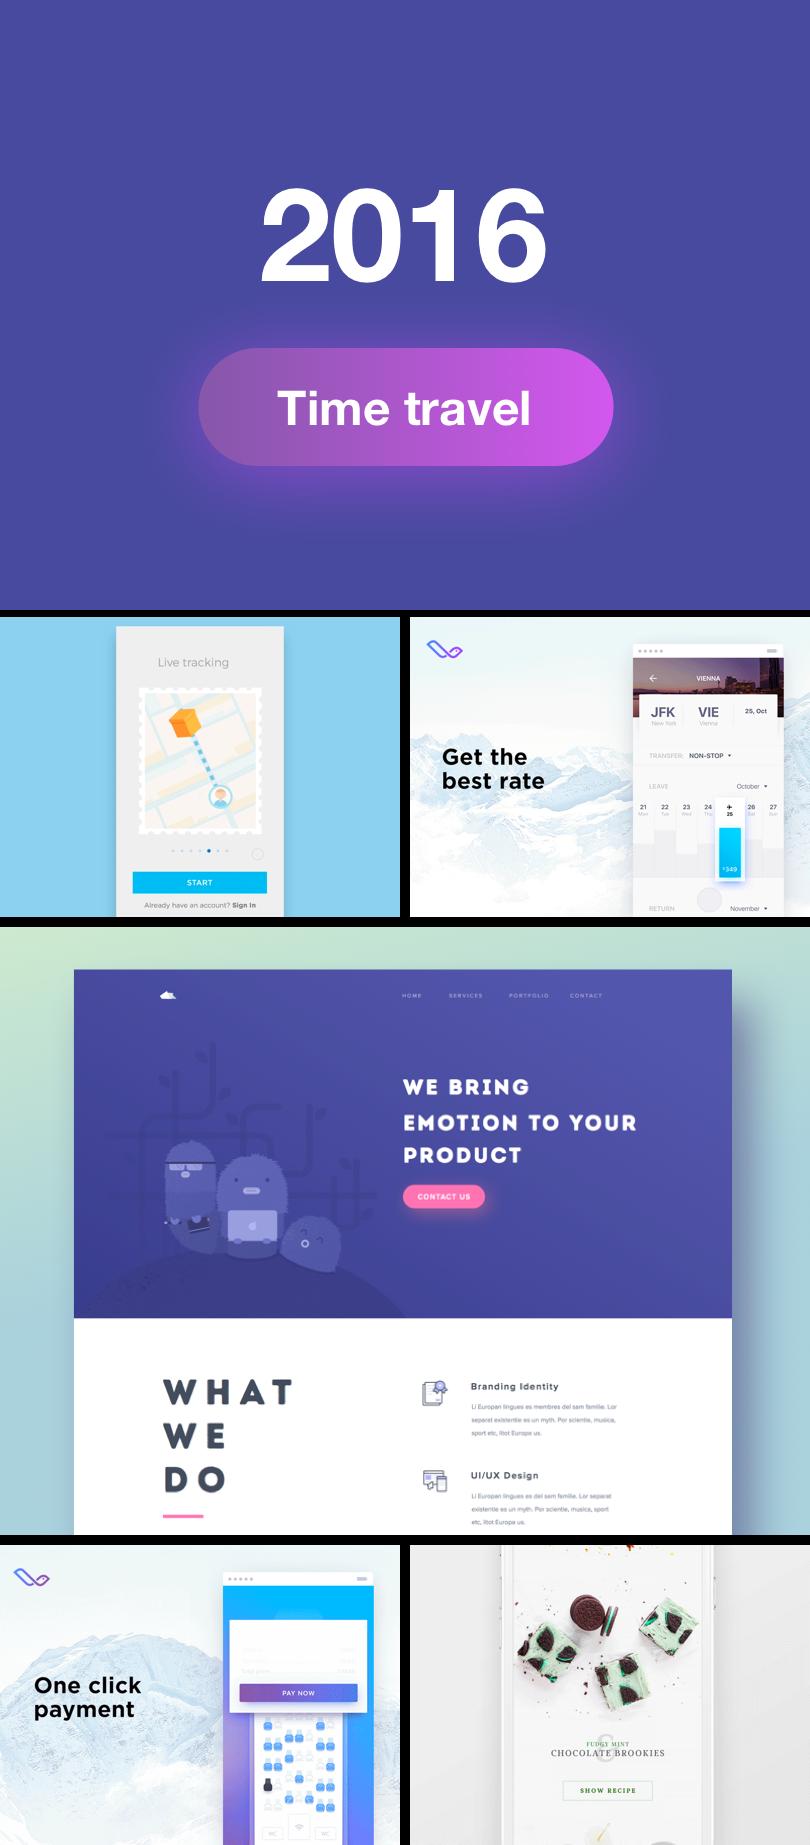 Diseño de botones del 2016